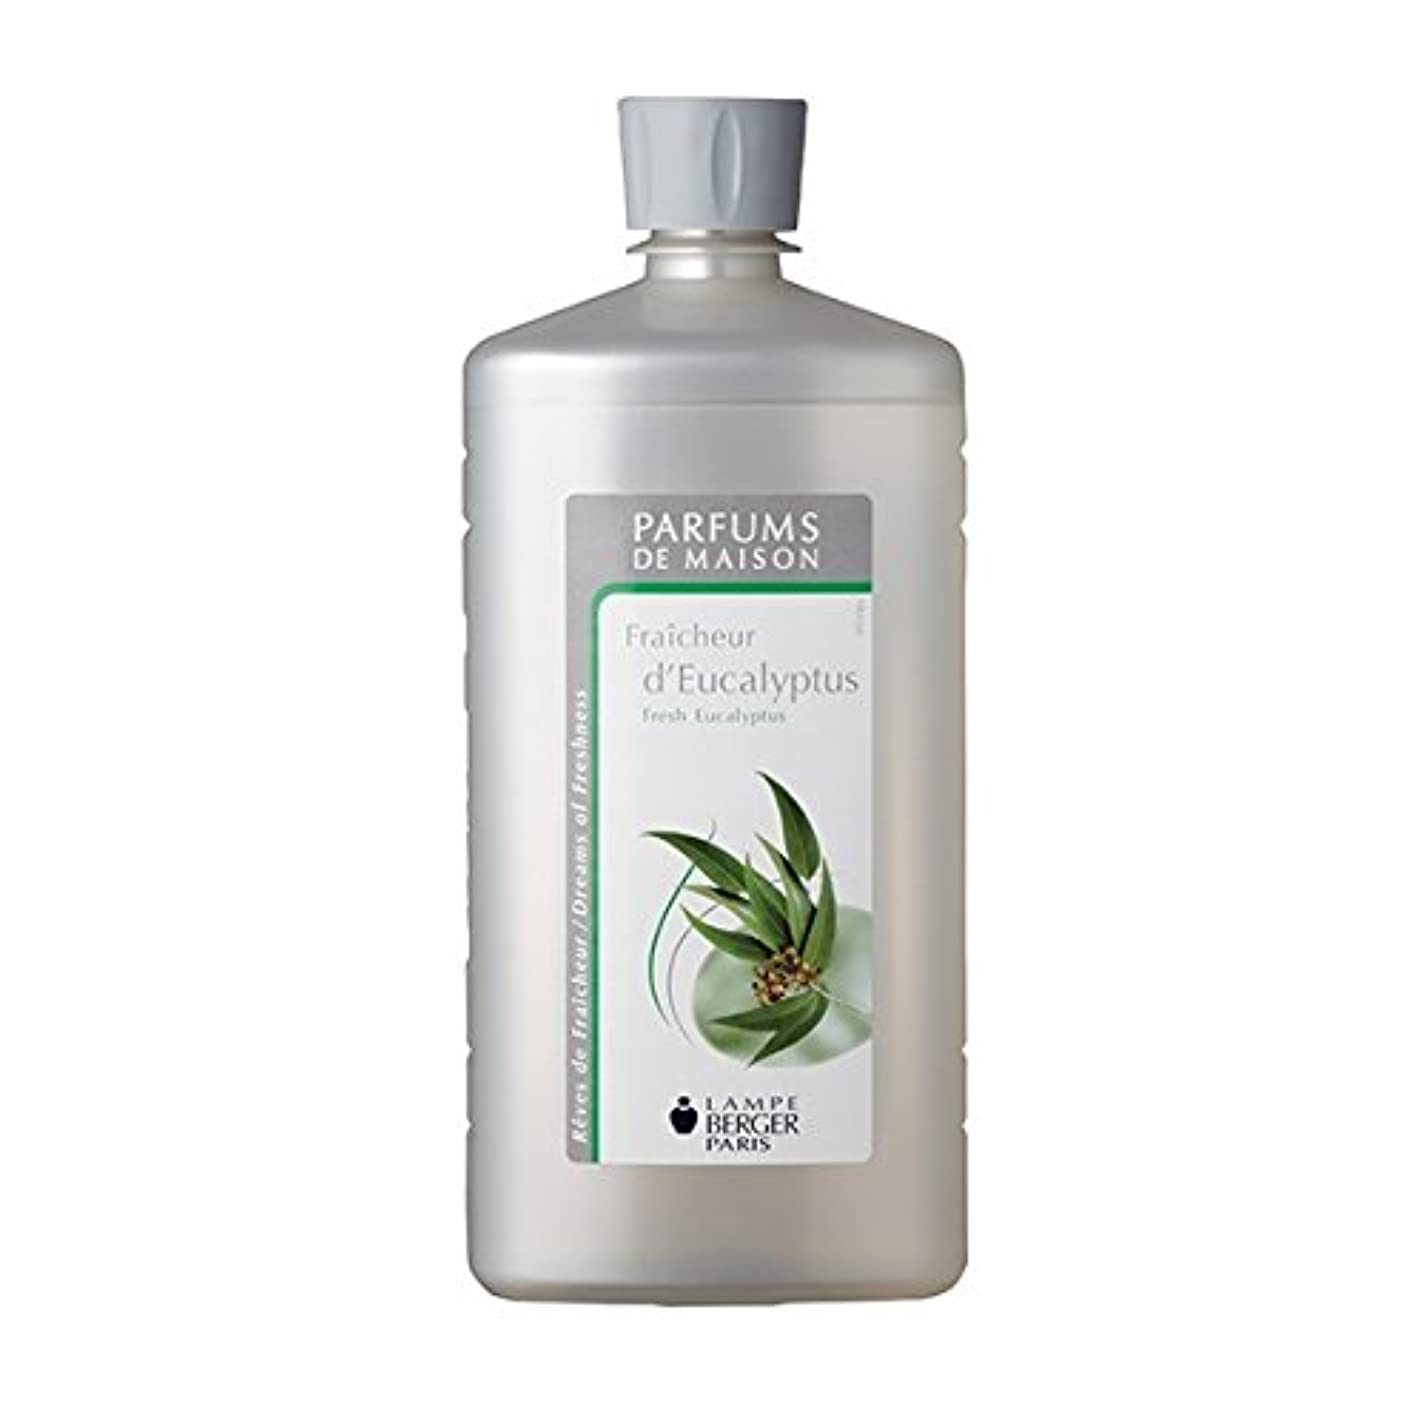 コンピューターポンペイ好みランプベルジェオイル(ユーカリ)Fraîcheur d'Eucalyptus Fresh Eucalyptus